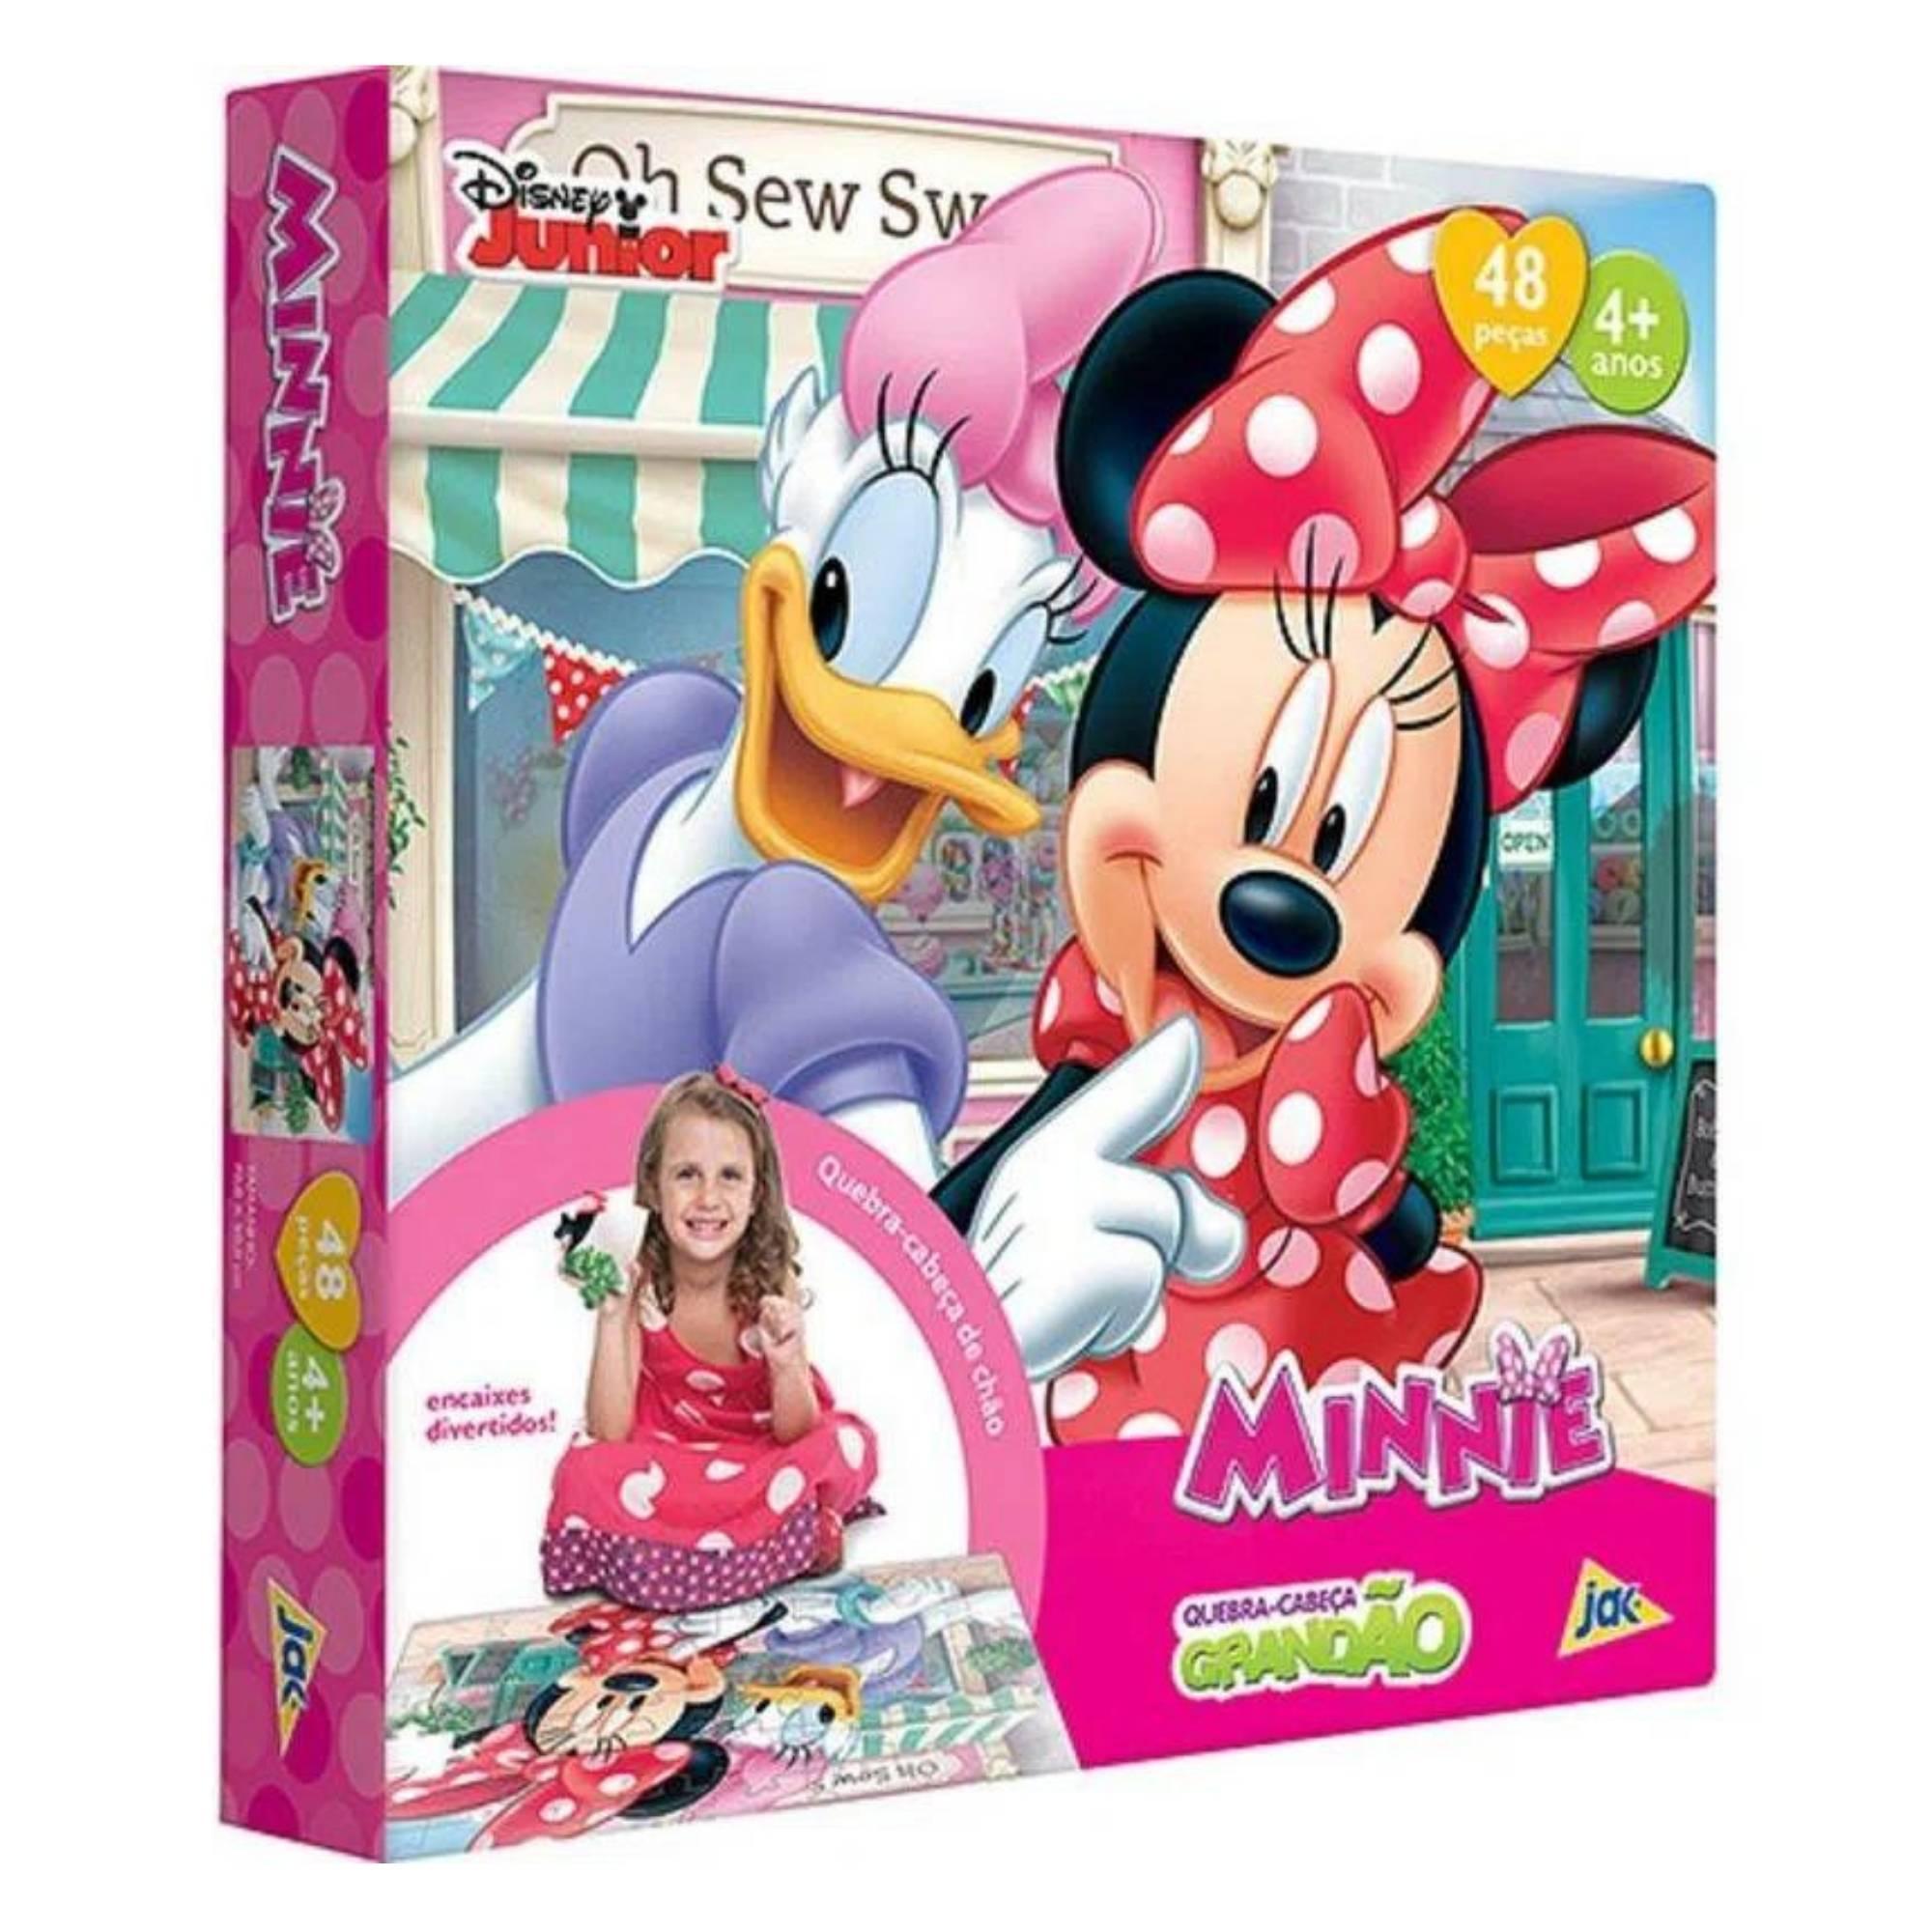 Quebra-Cabeça Grandão Minnie Boutique - 48 peças - Jak